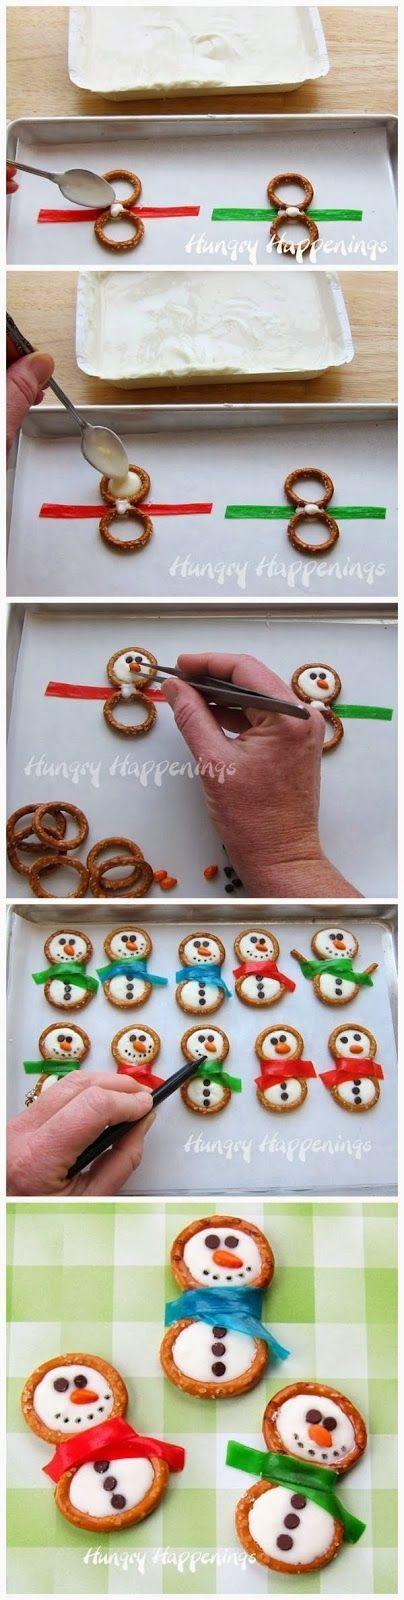 Que divertido com a família ou amigos!  Anéis de pretzel, Fruit Roll-Ups, e geada são uma maneira fácil de fazer deliciosos biscoitos boneco .: